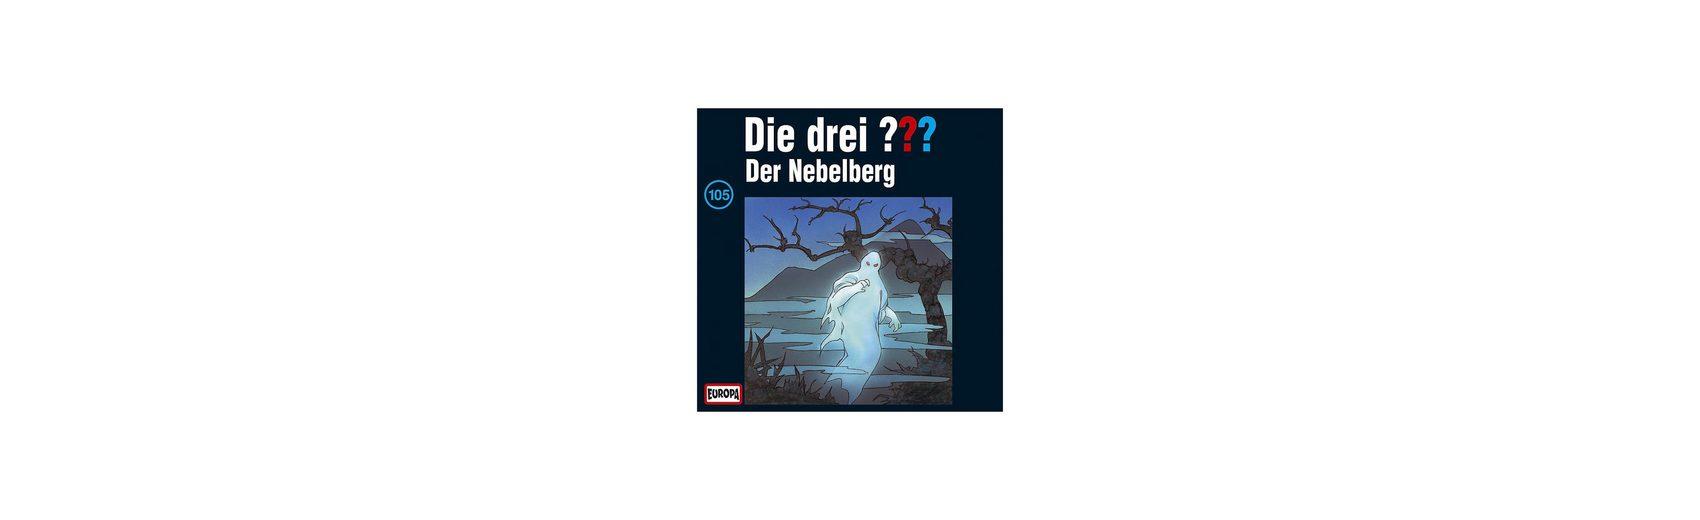 SONY BMG MUSIC CD Die drei ??? 105 (Der Nebelberg)